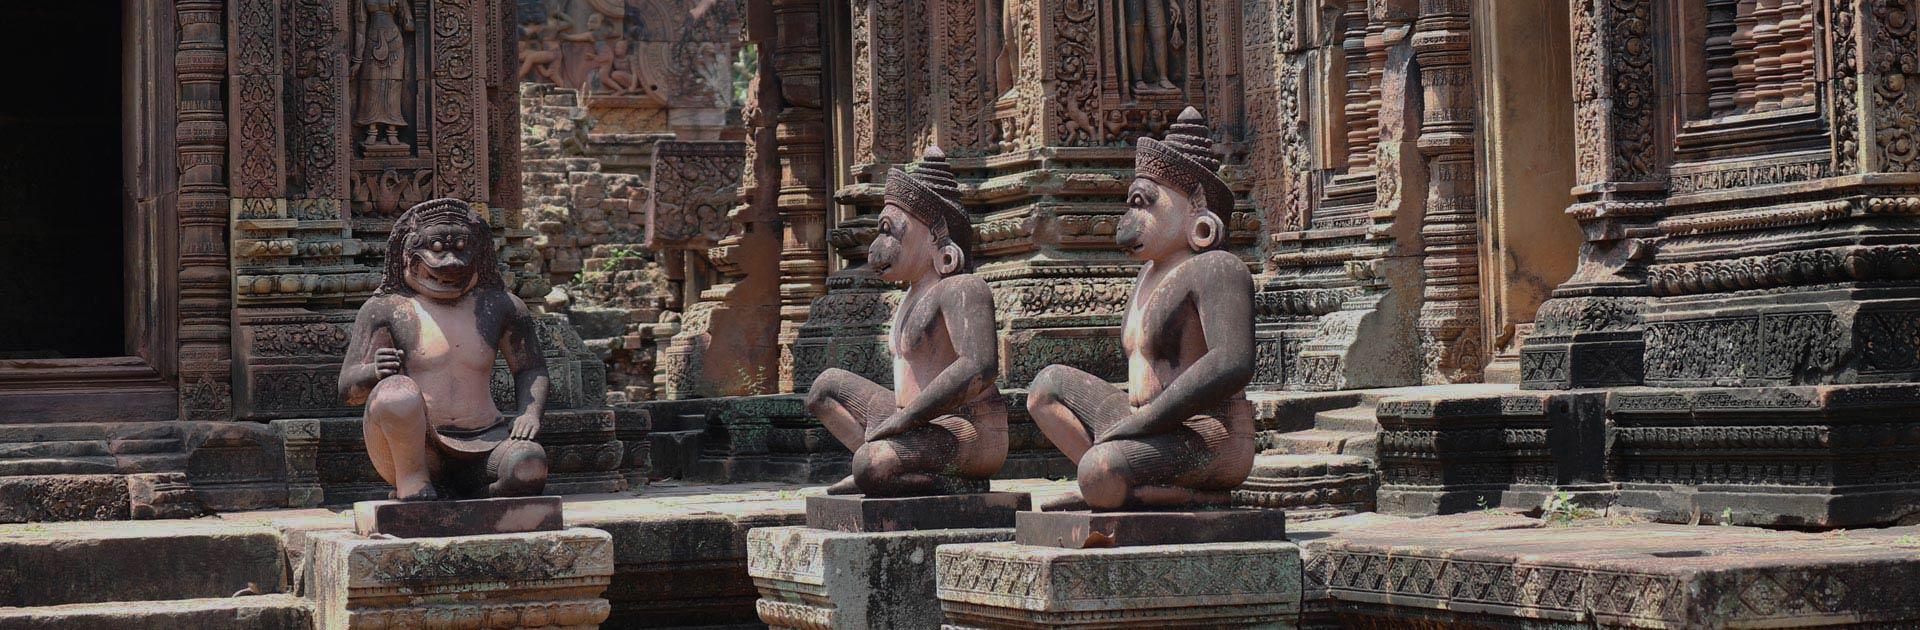 KH Descubre Camboya 14 días 4